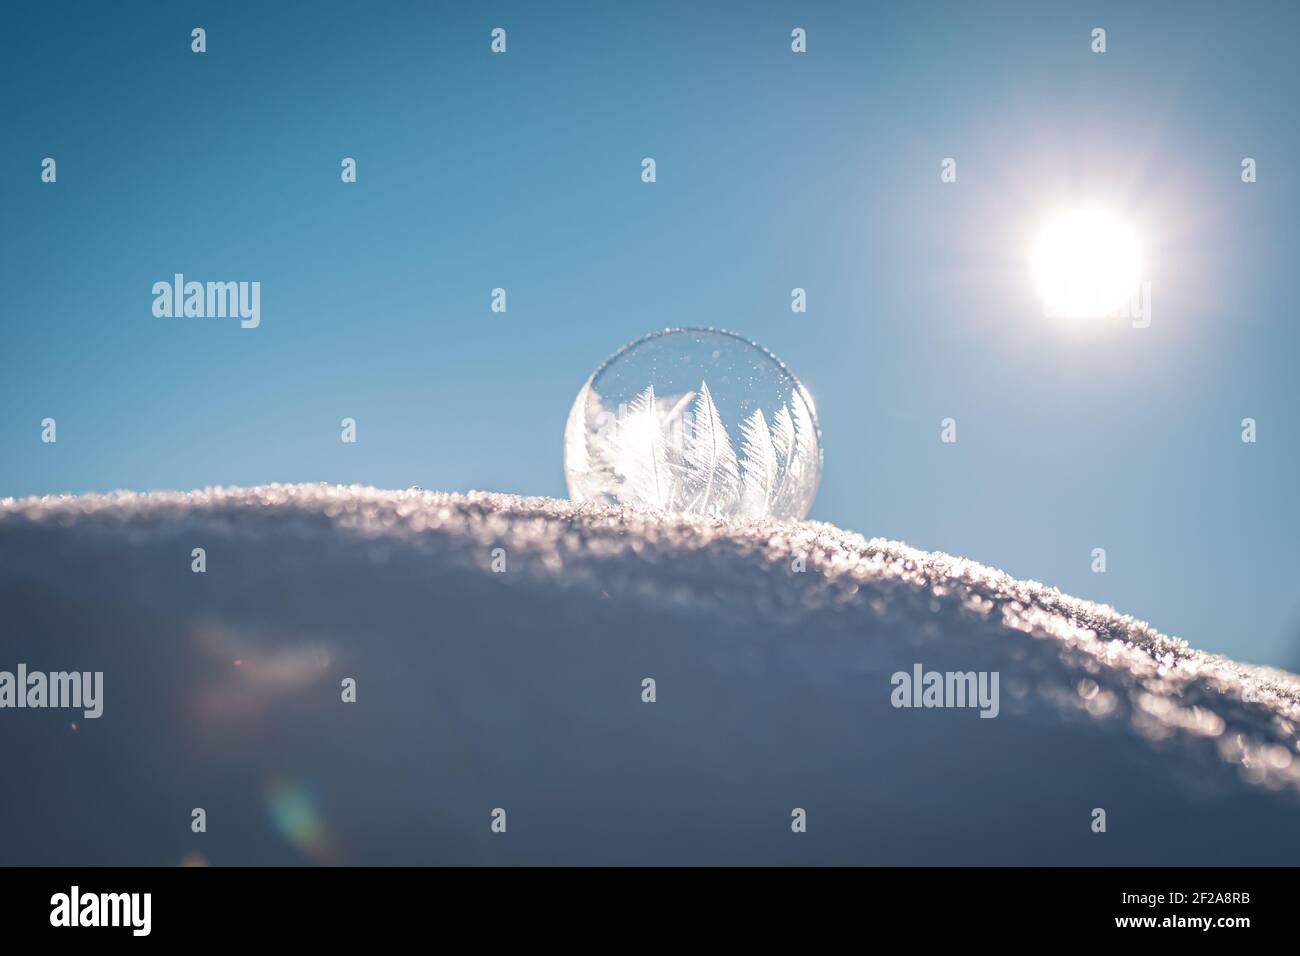 Bulle de savon surgelé avec un joli motif sur la neige gros plan sur un arrière-plan flou Banque D'Images